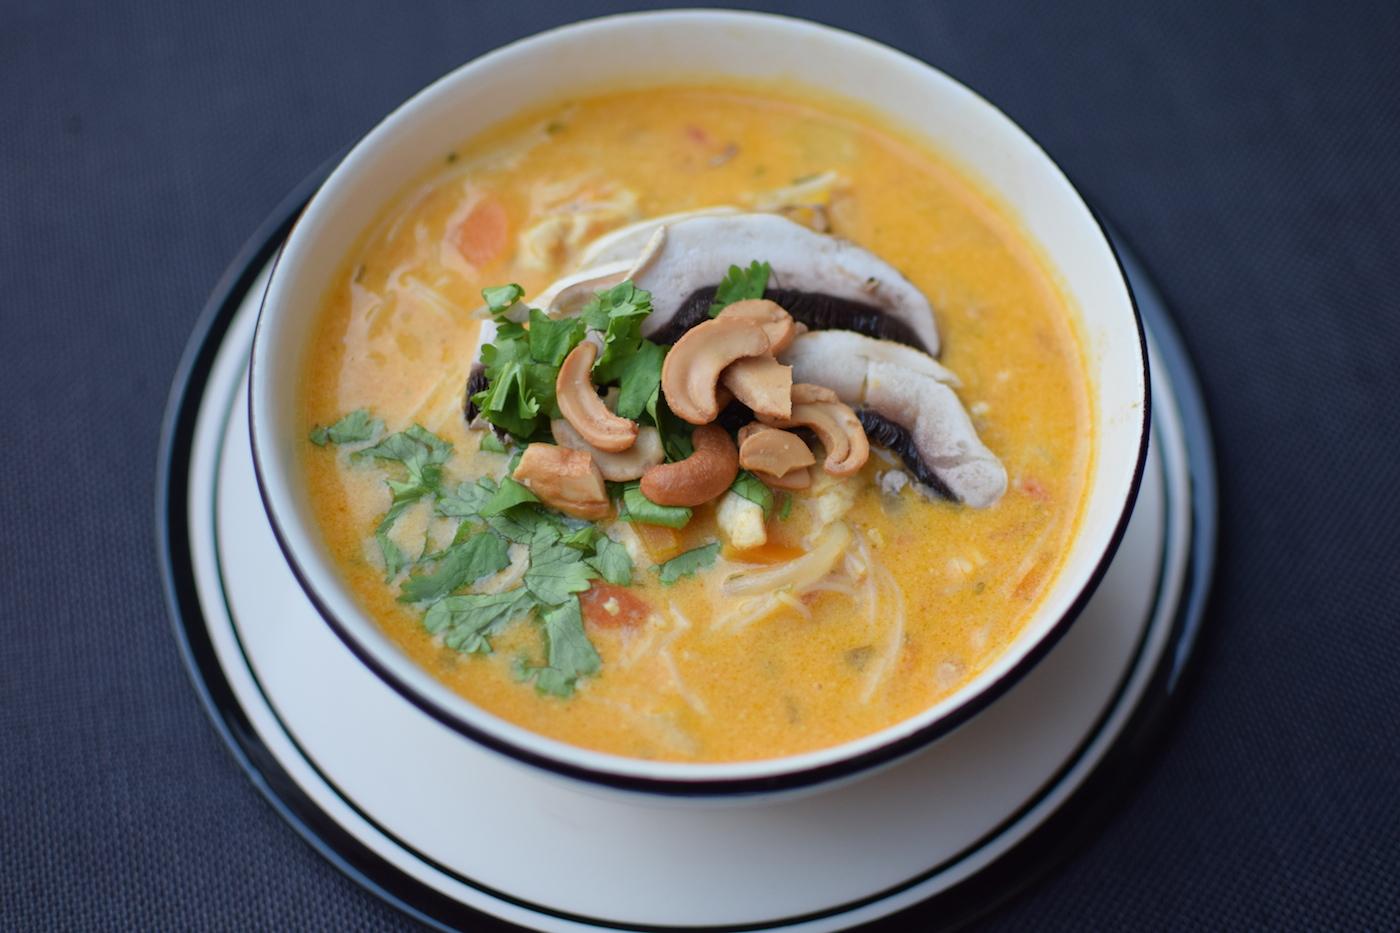 La soupe de poulet curry et coco lovalinda - Peut on congeler de la soupe ...